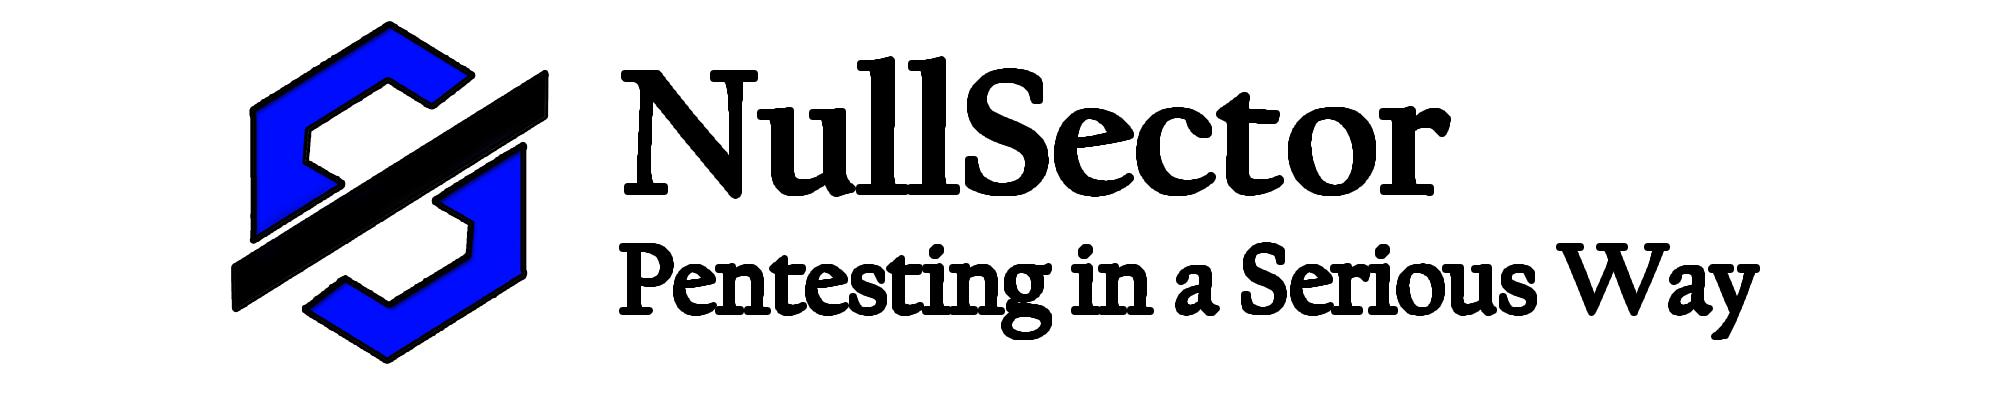 Pentesting ,Hacking y Seguridad informatica